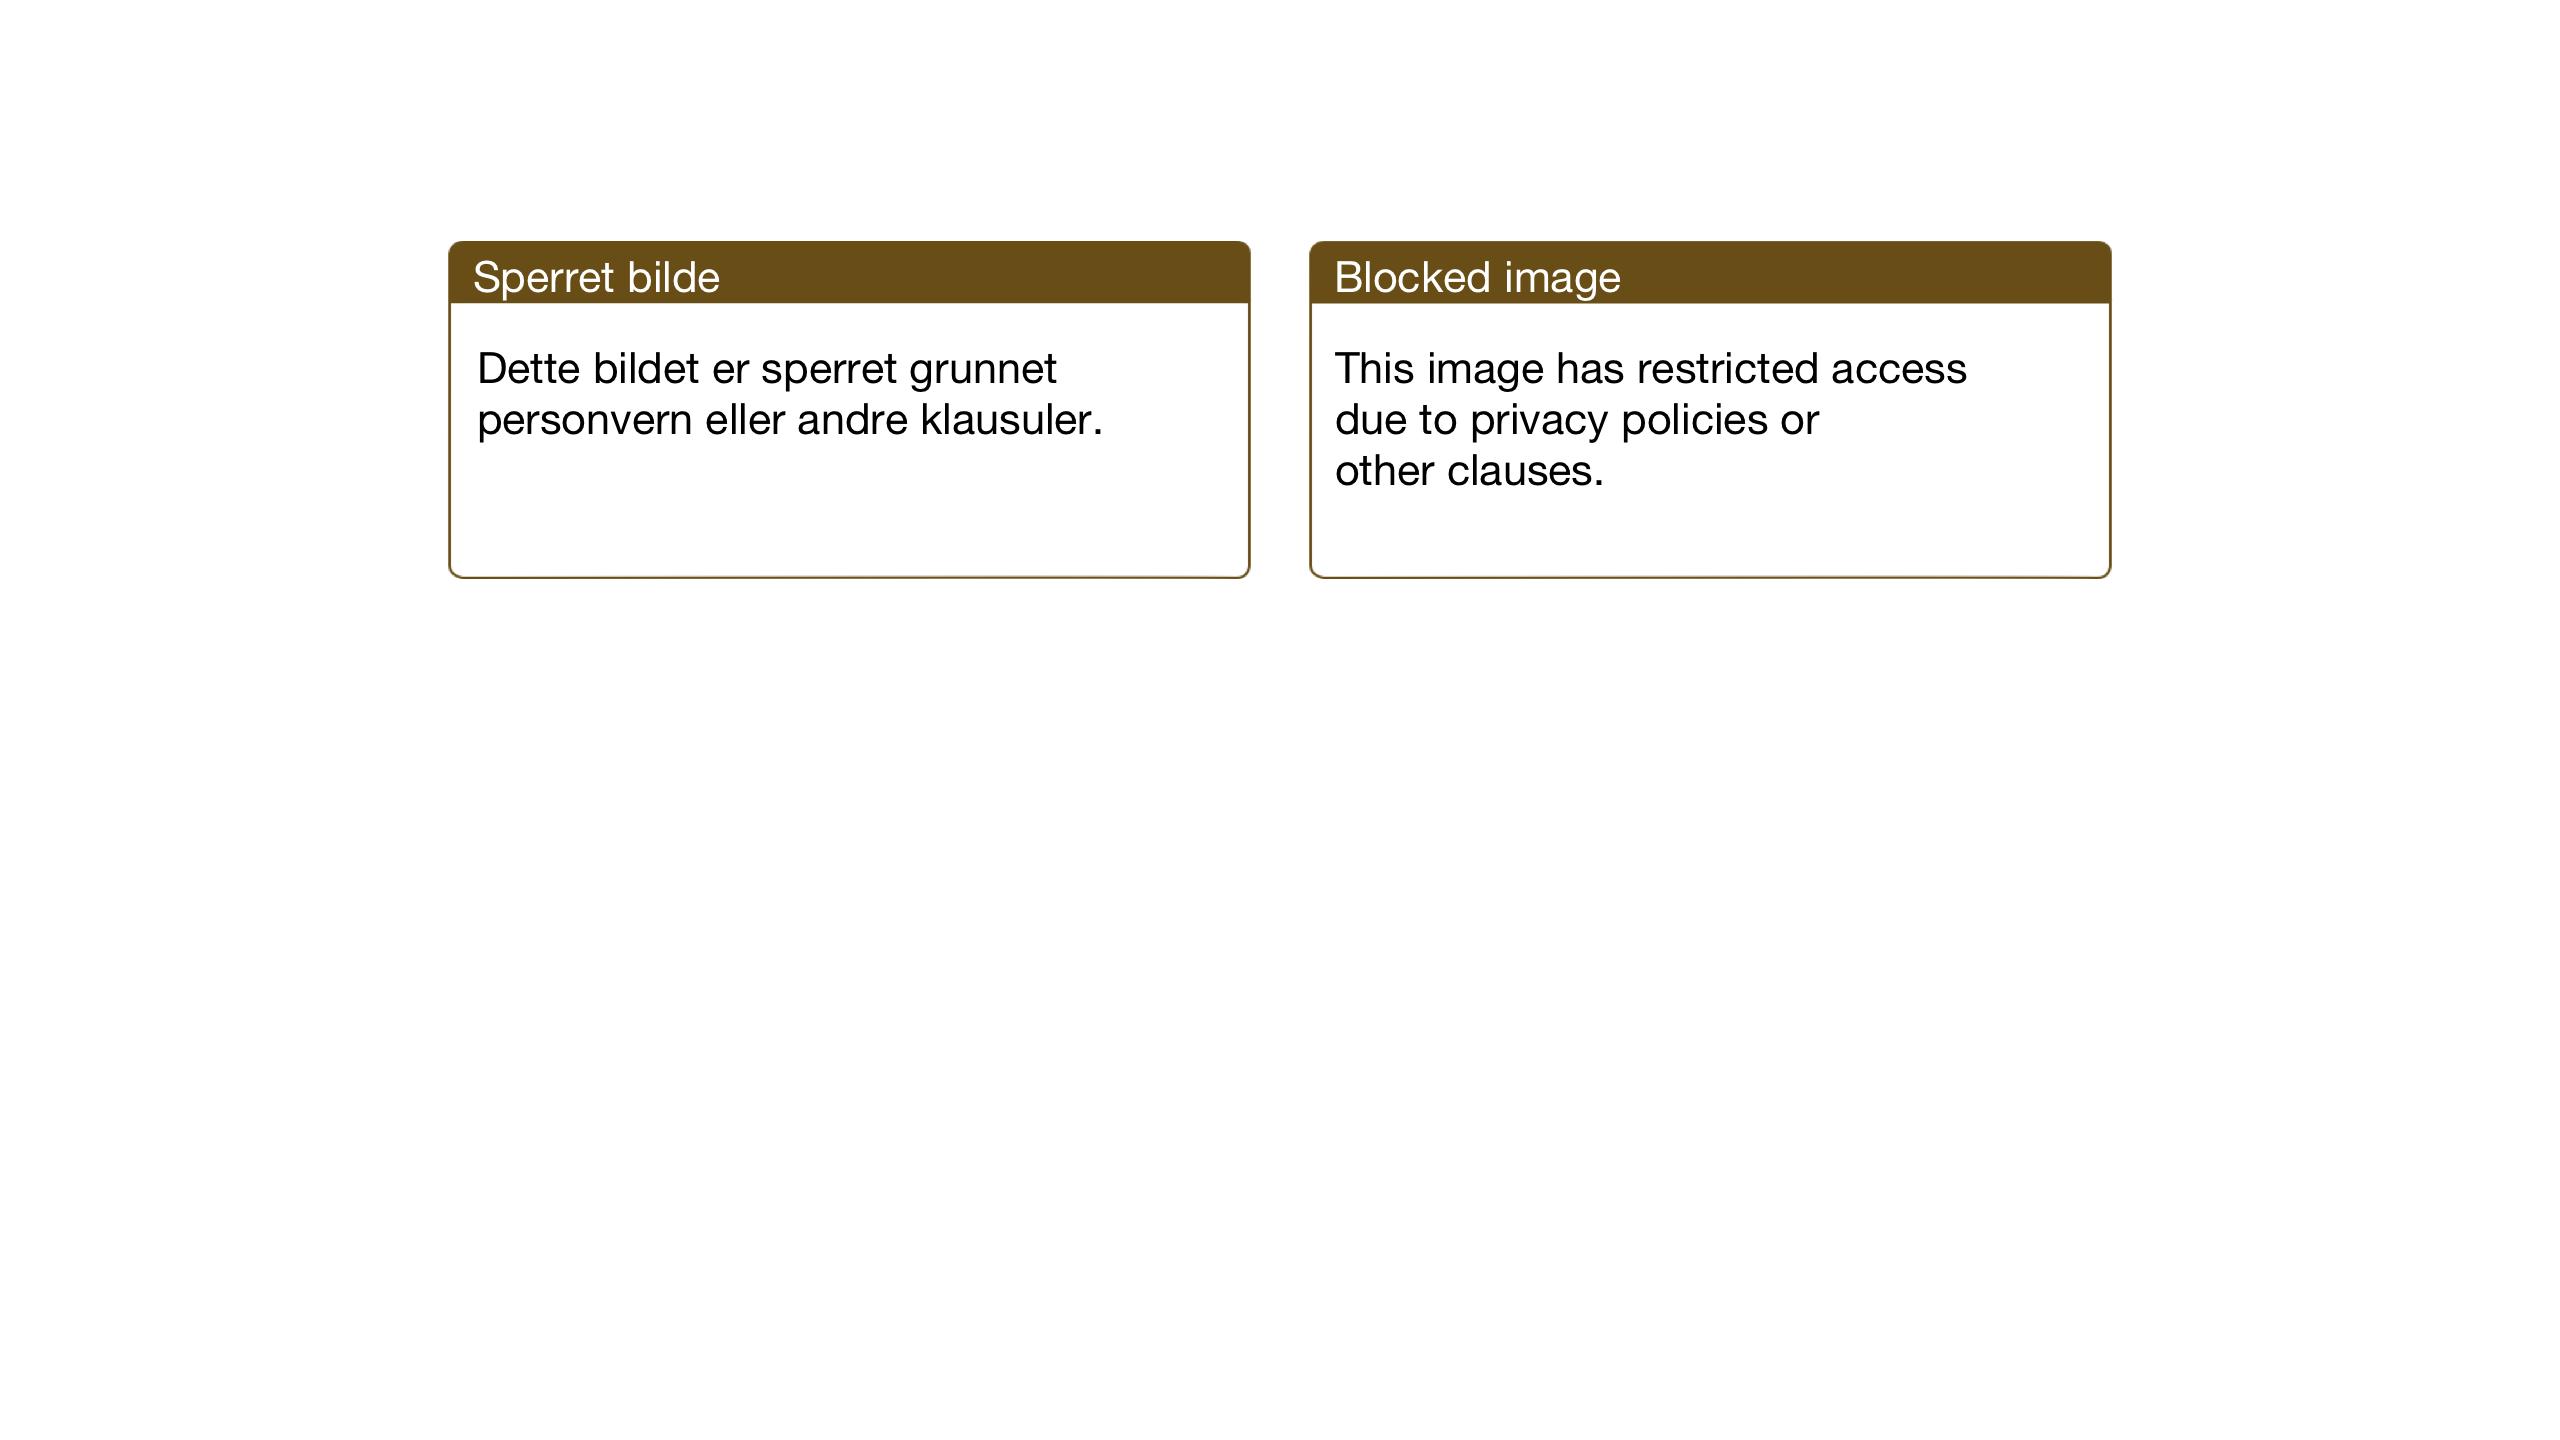 SAT, Ministerialprotokoller, klokkerbøker og fødselsregistre - Sør-Trøndelag, 670/L0837: Klokkerbok nr. 670C01, 1905-1946, s. 134-135